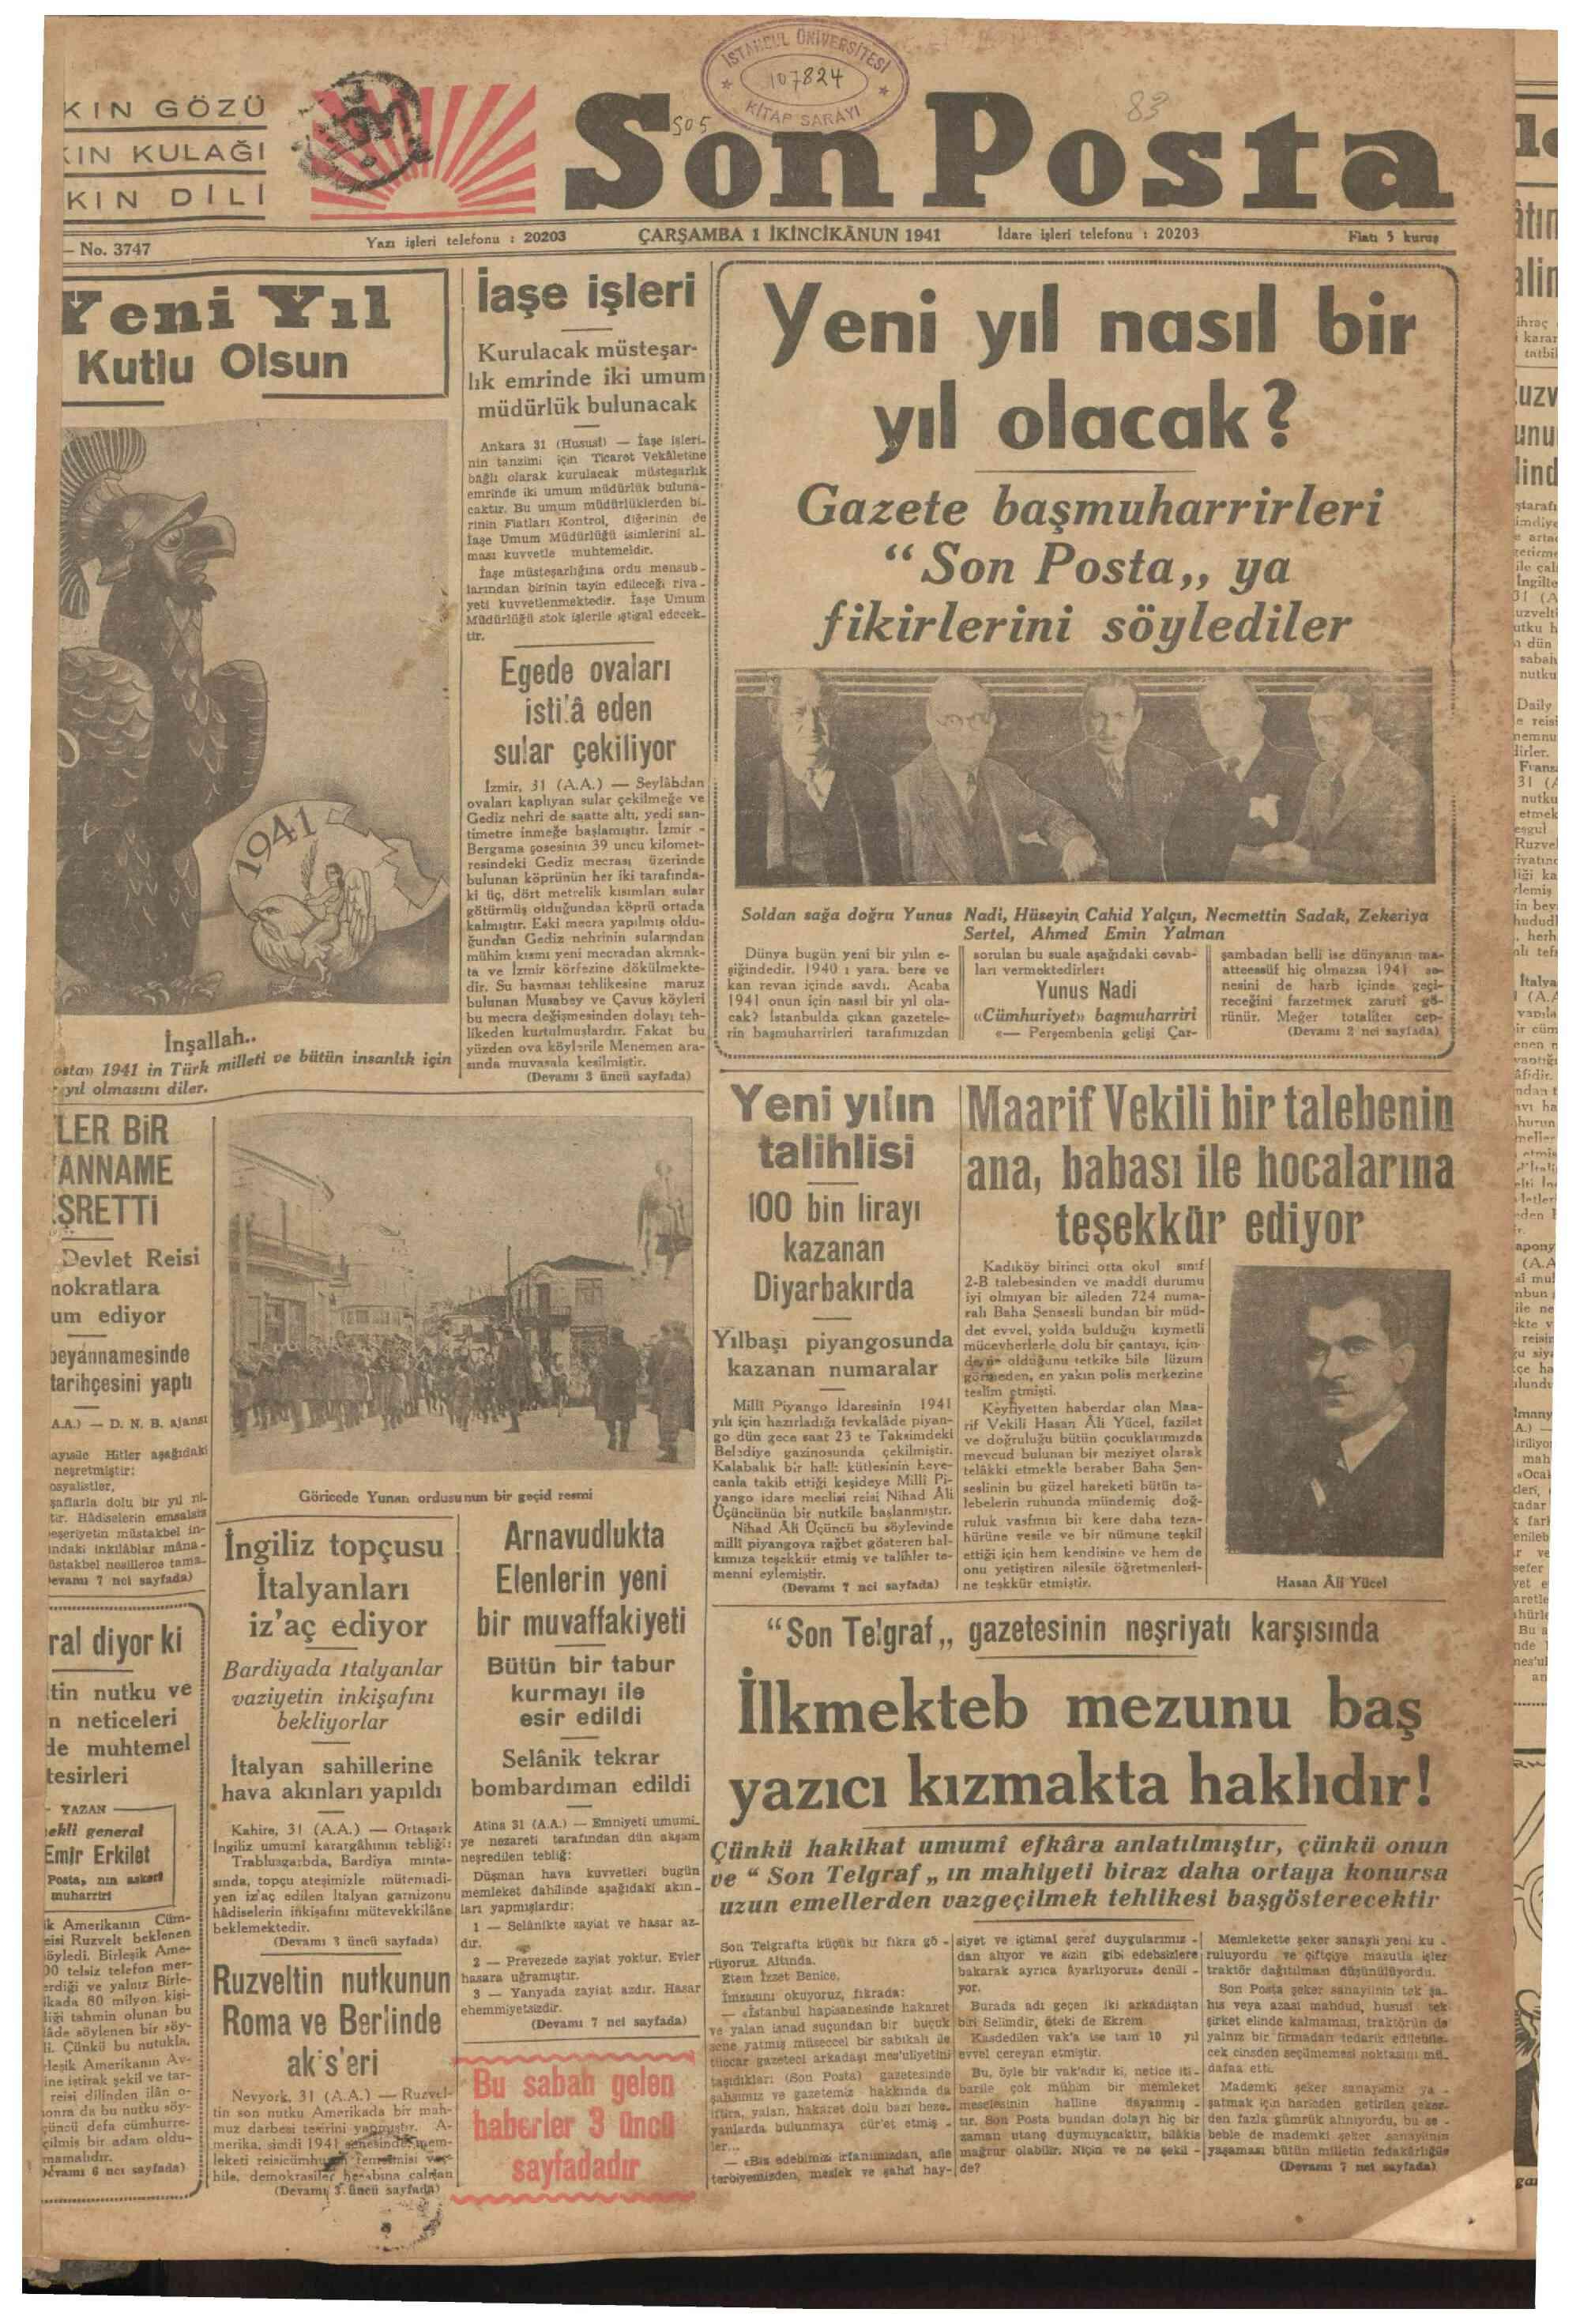 1 Ocak 1941 Tarihli Son Posta Gazetesi Sayfa 1